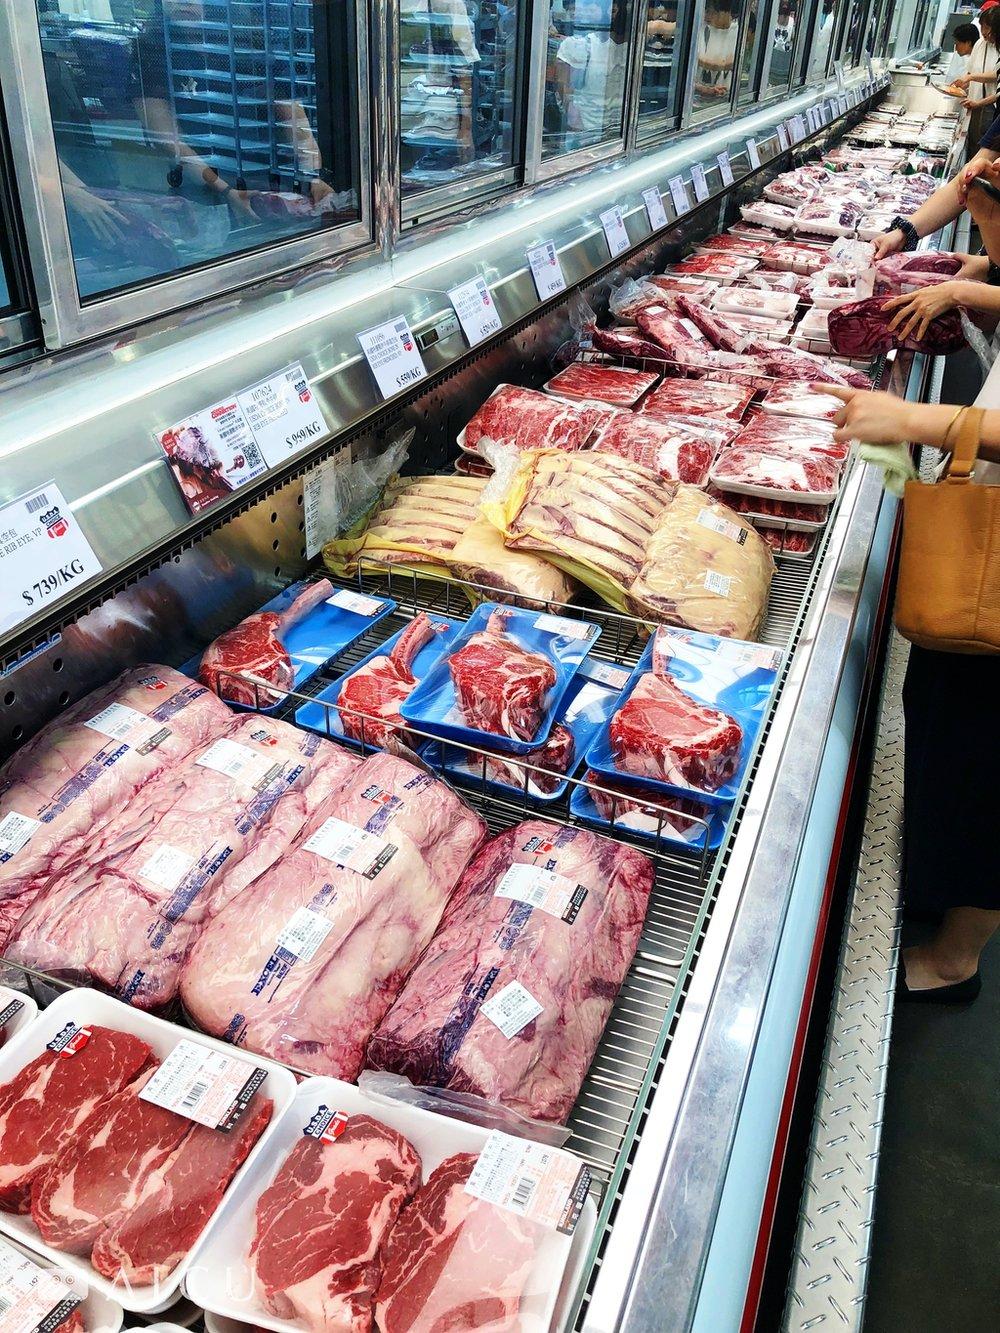 中和的好市多還有整塊帶骨更巨大的牛肉部位可供選擇